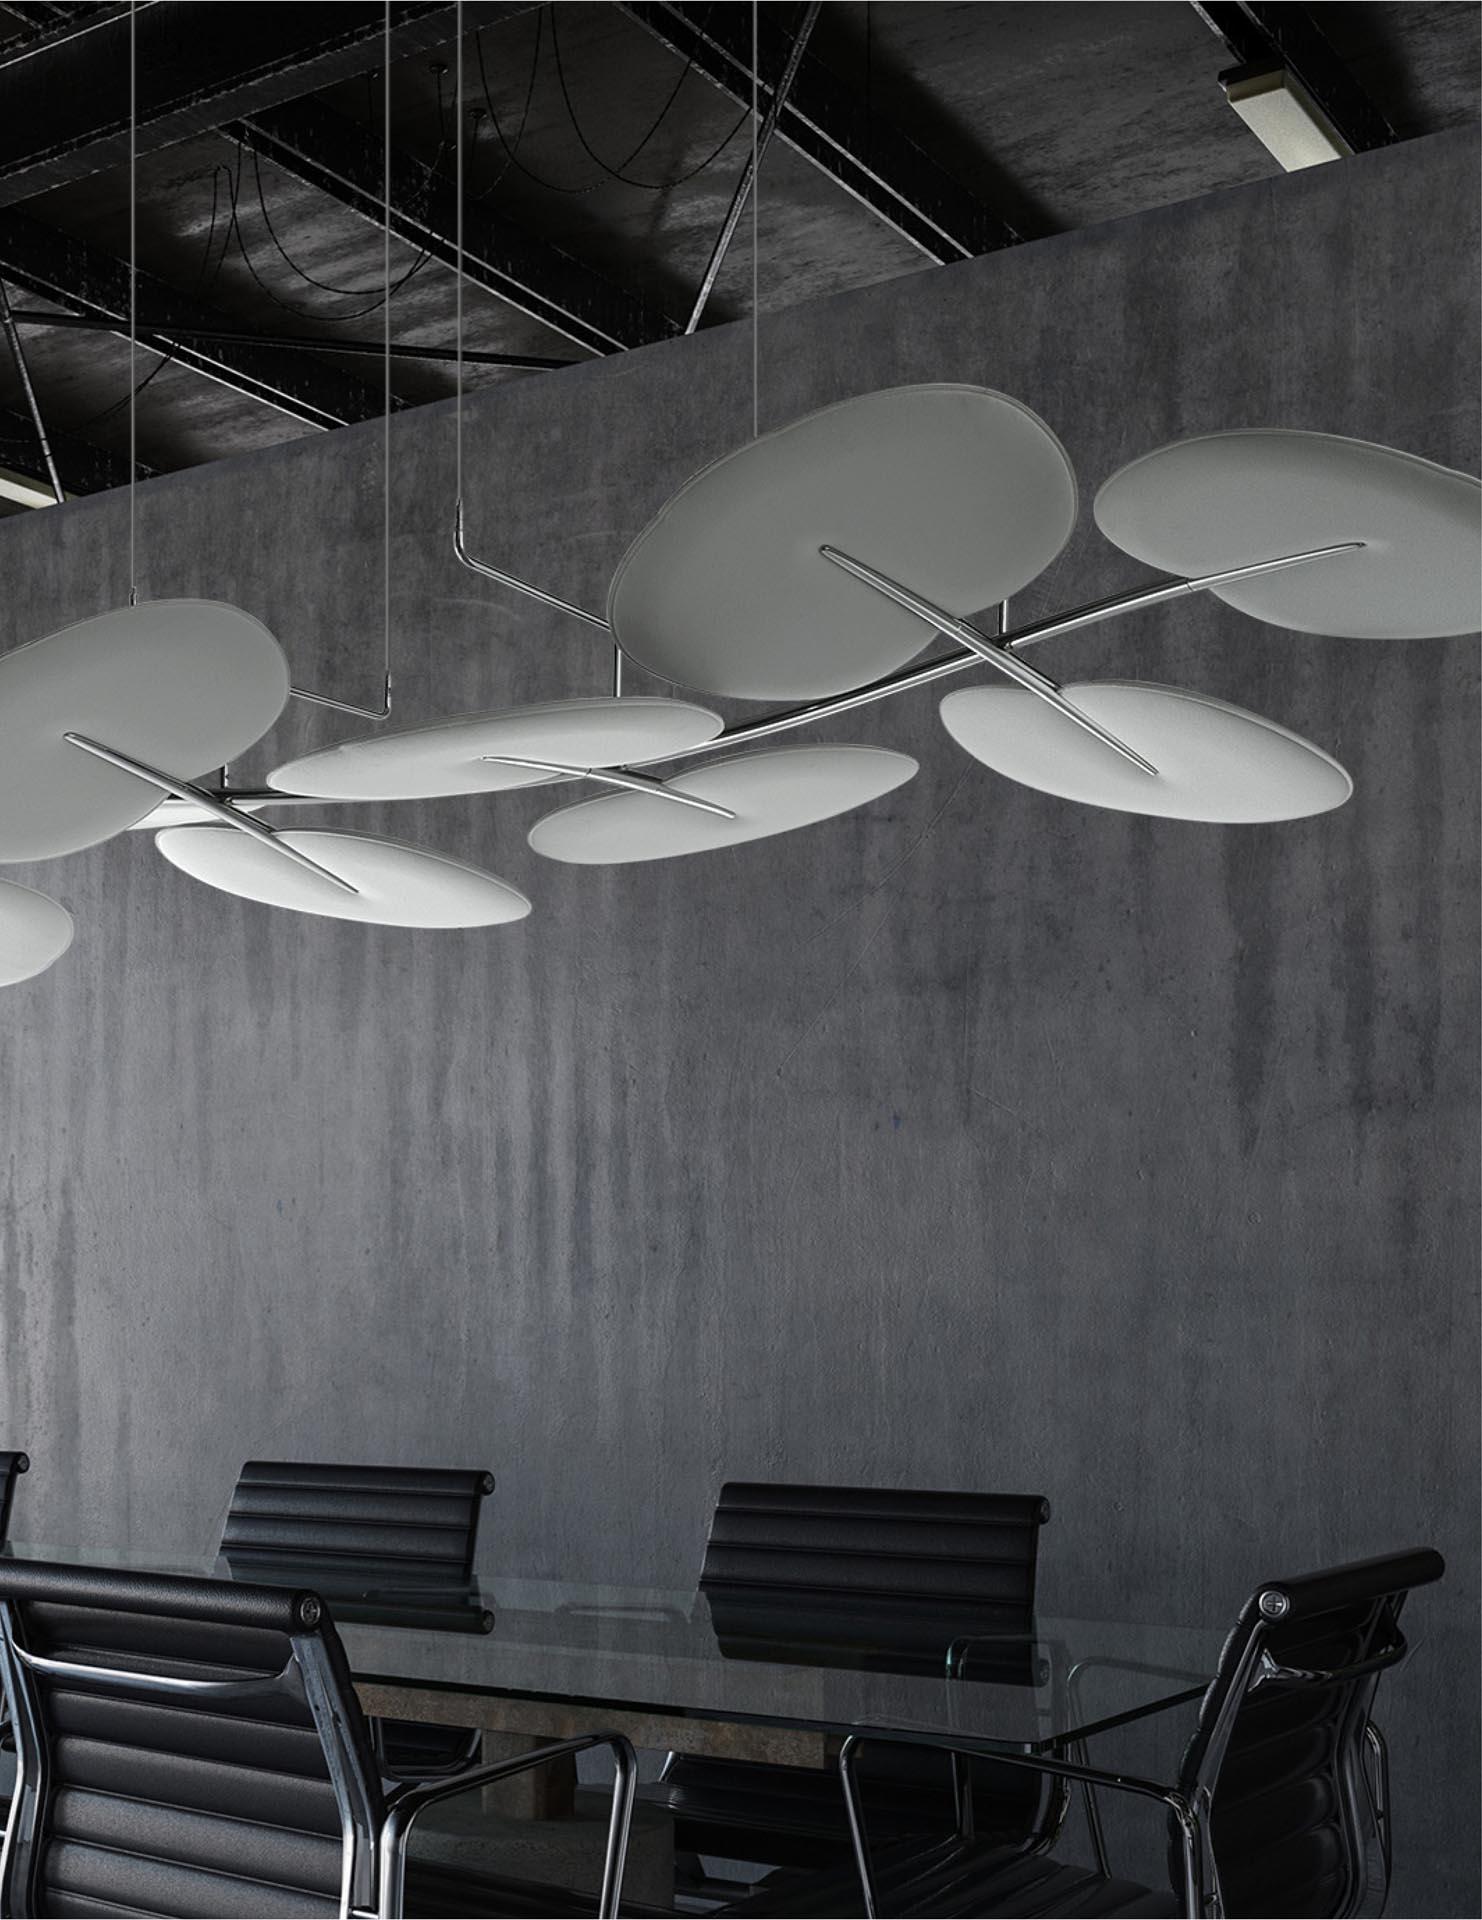 Botanica_Caimi_Mario Trimarchi Design